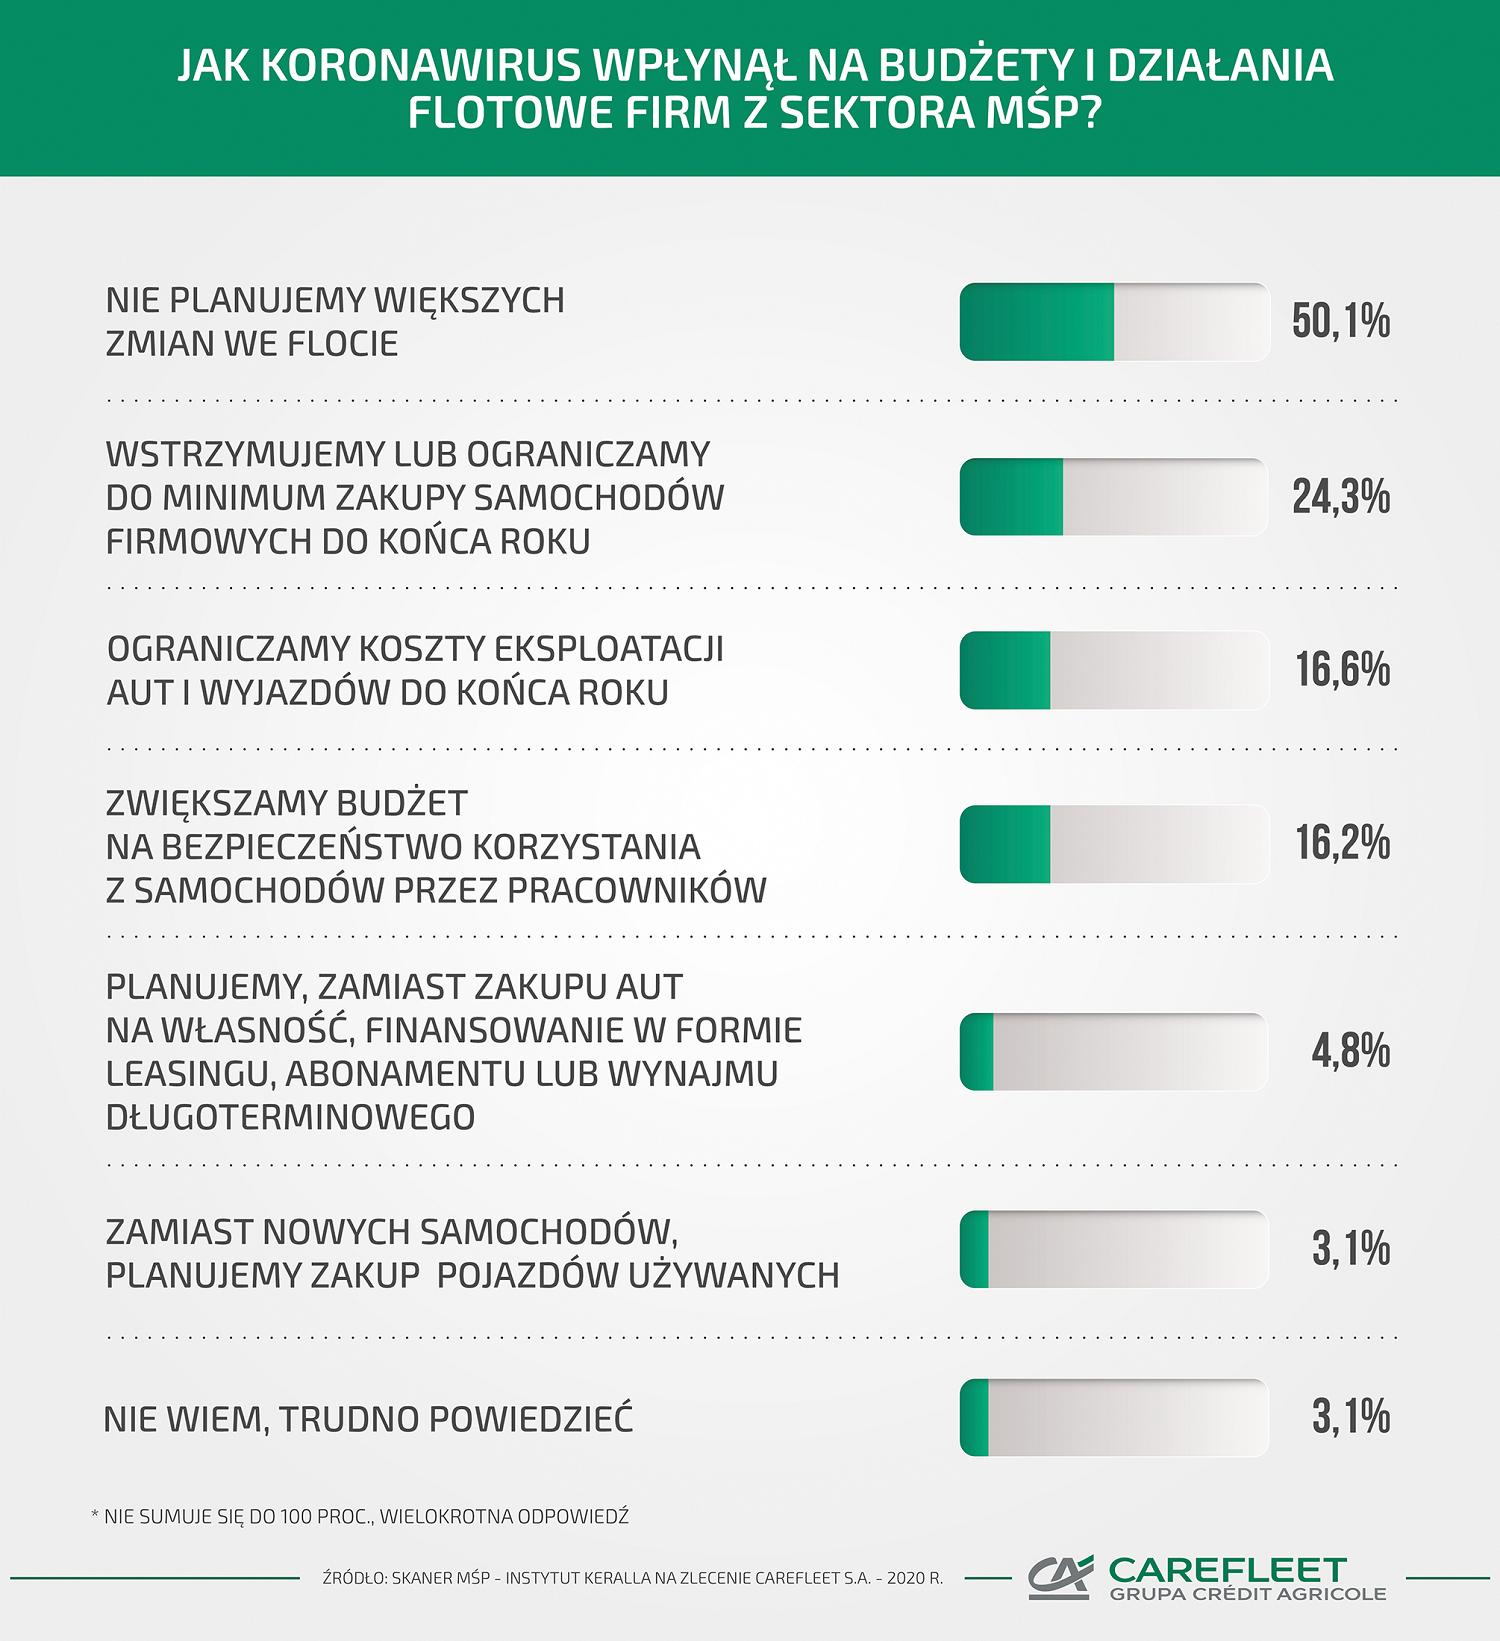 (Infografika ) Połowa firm z sektora MŚP rewiduje budżety flotowe w związku z COVID-19